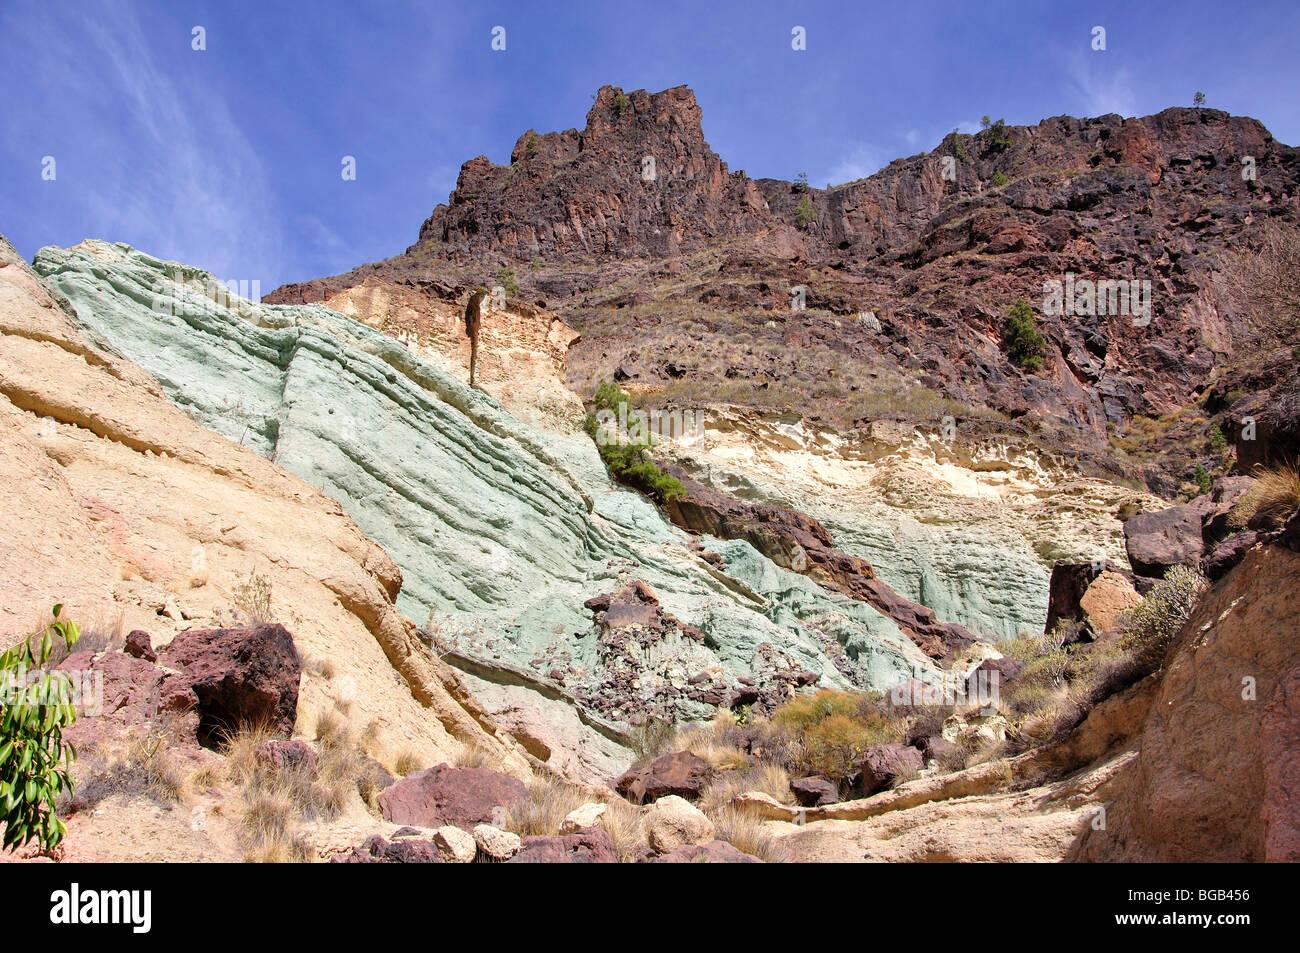 Painted rock formations fuente de los azulejos la aldea for Fuente de los azulejos